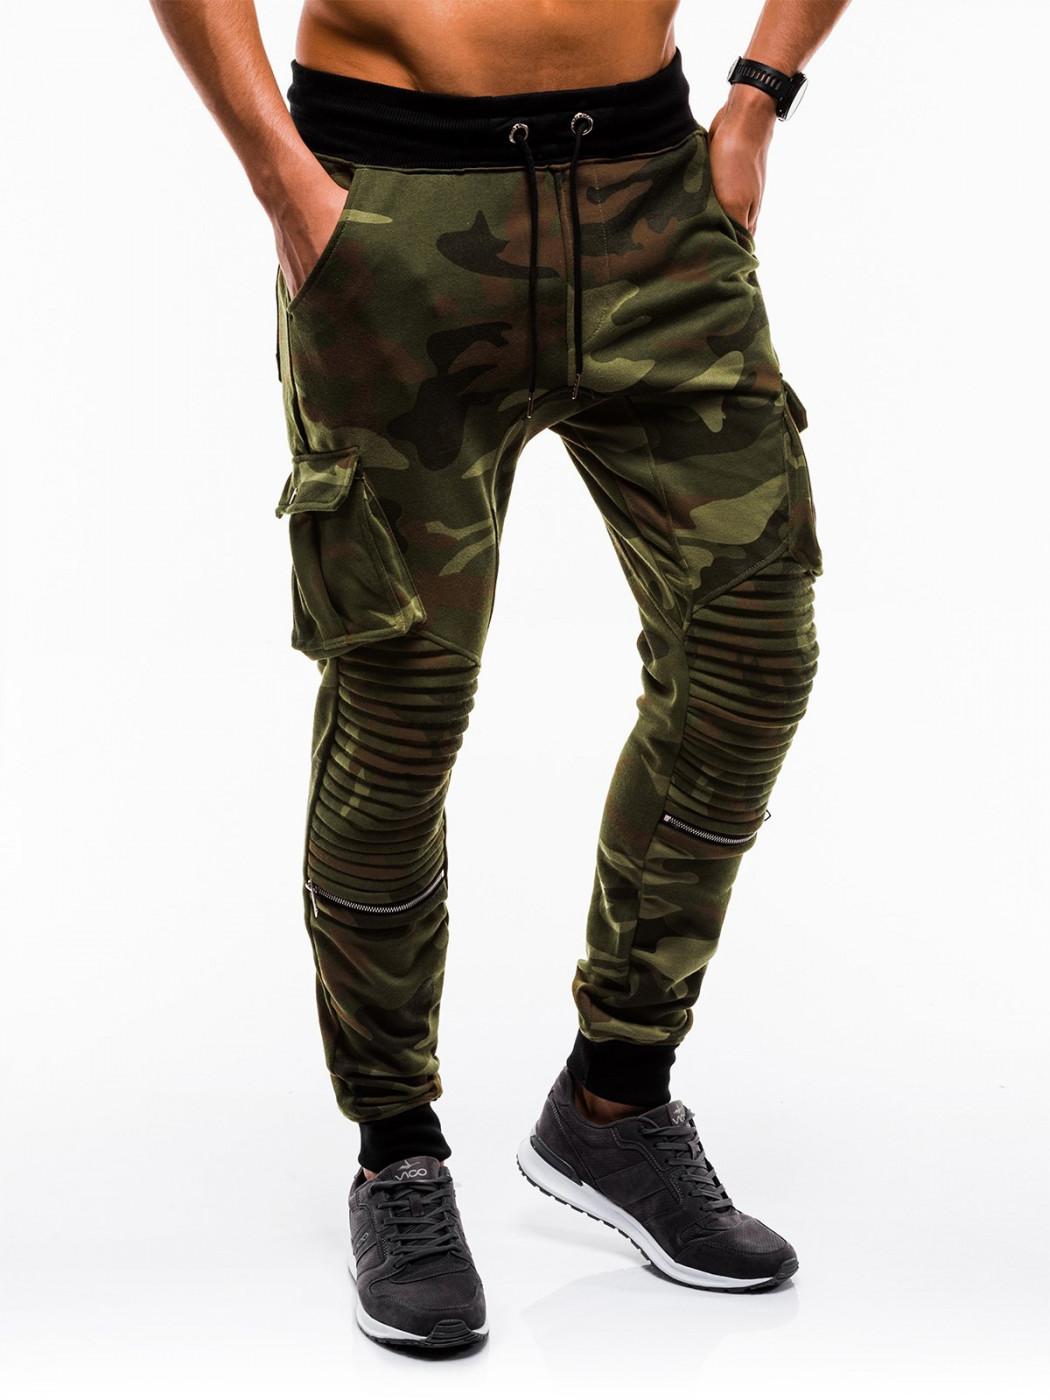 Ombre Clothing Men's sweatpants P747